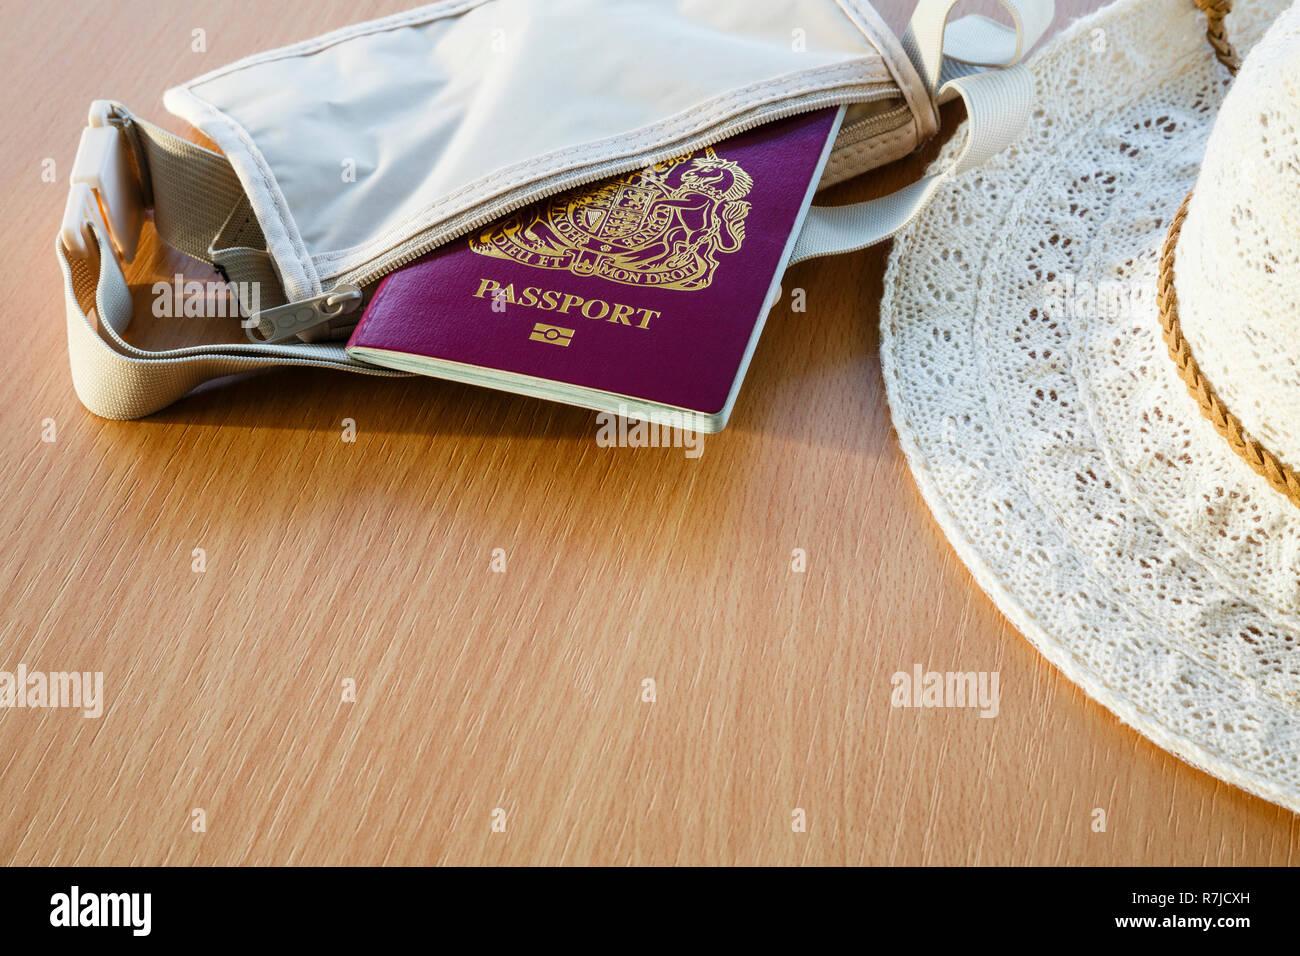 Cose di viaggio per viaggiare all'estero British passaporto biometrico in un portafoglio con donna cappello sul tavolo. Inghilterra, Regno Unito, Gran Bretagna Immagini Stock